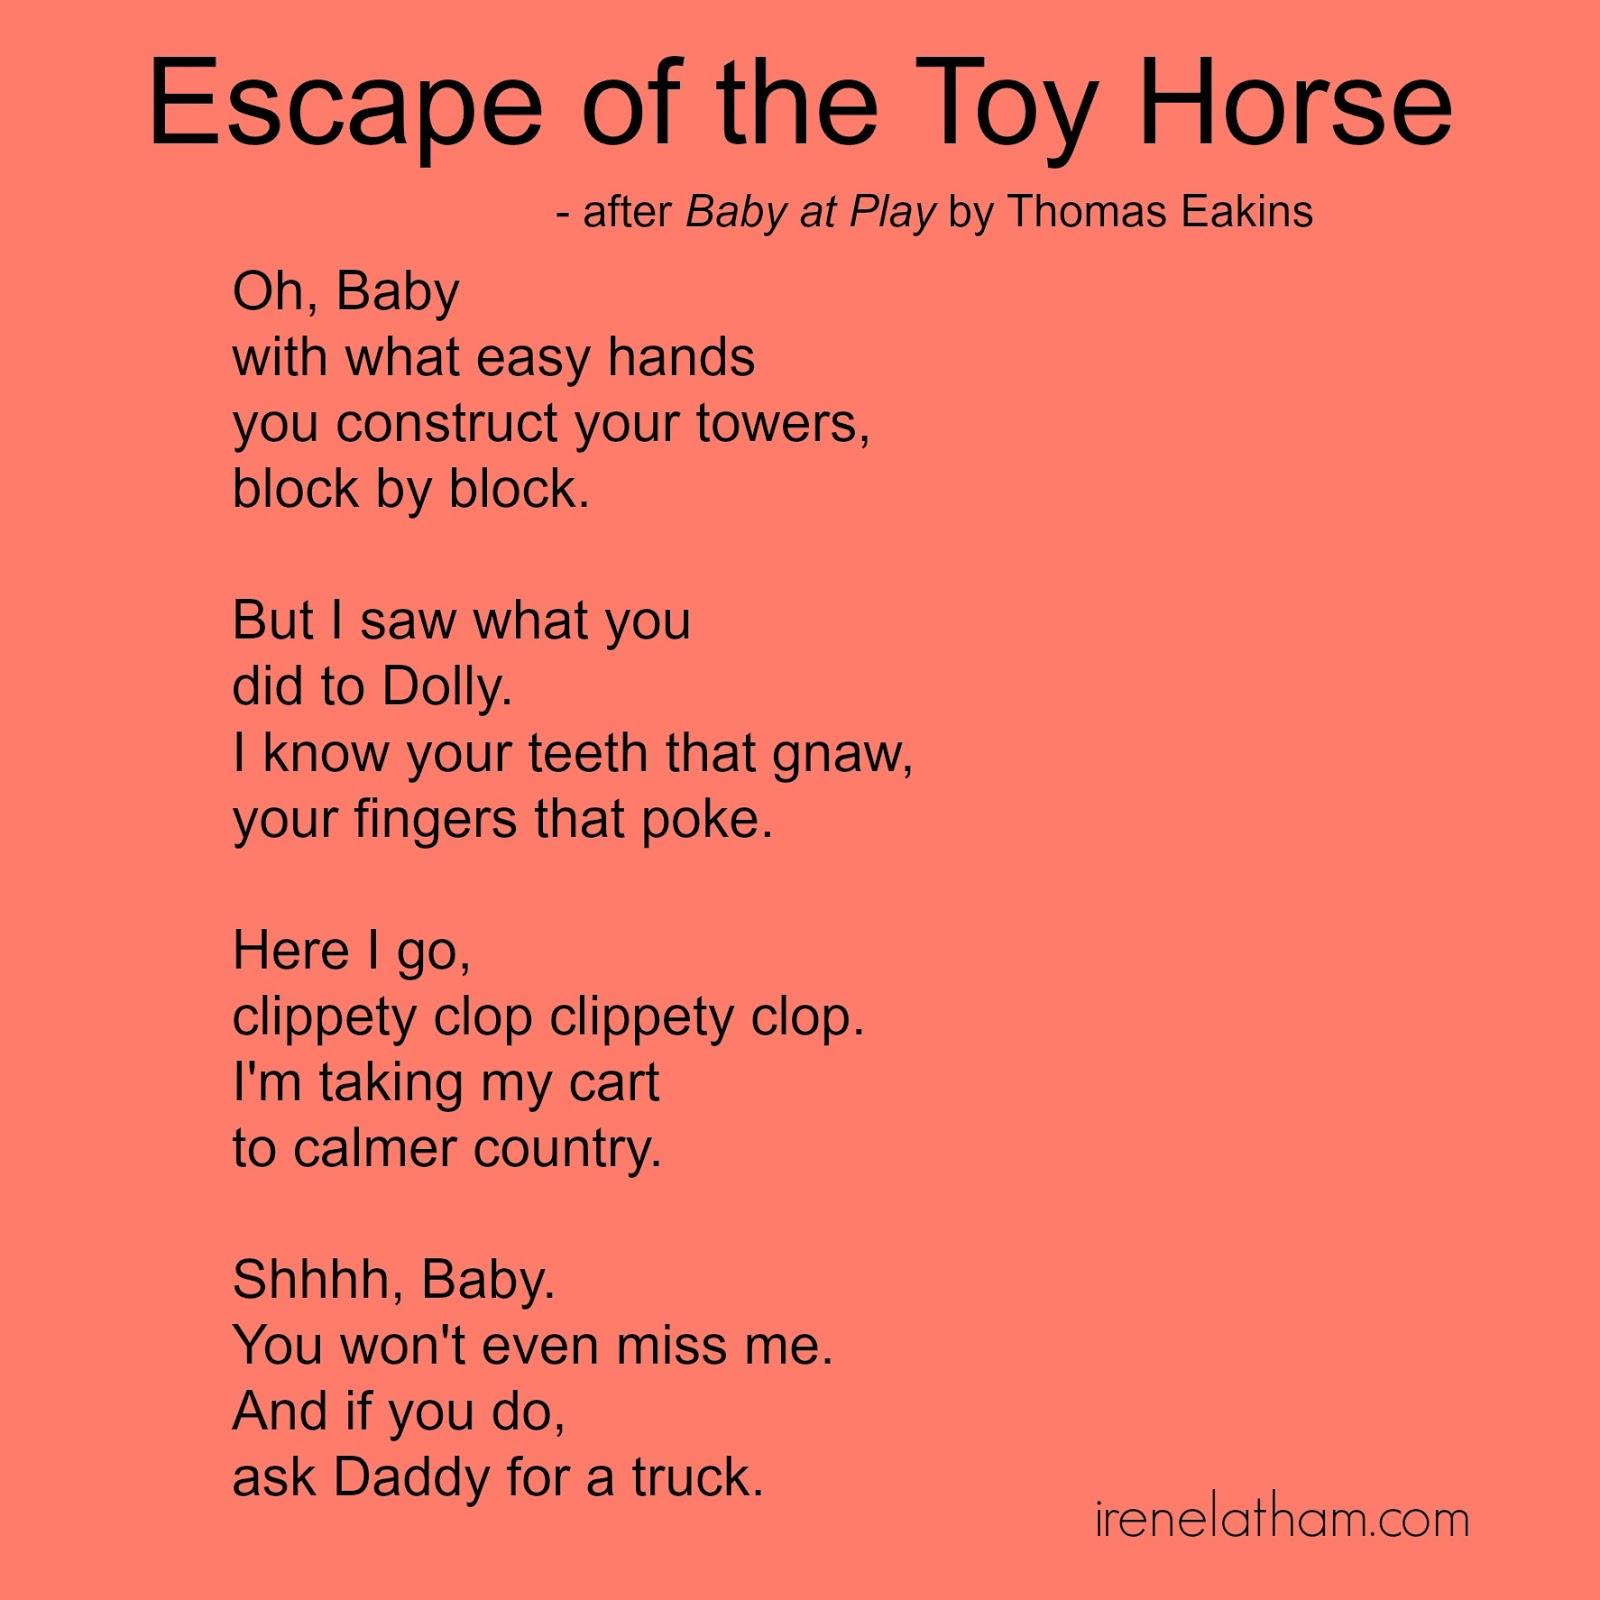 Live Laugh Love Art Live Your Poem Artspeak Poem 1 Quot Escape Of The Toy Horse Quot